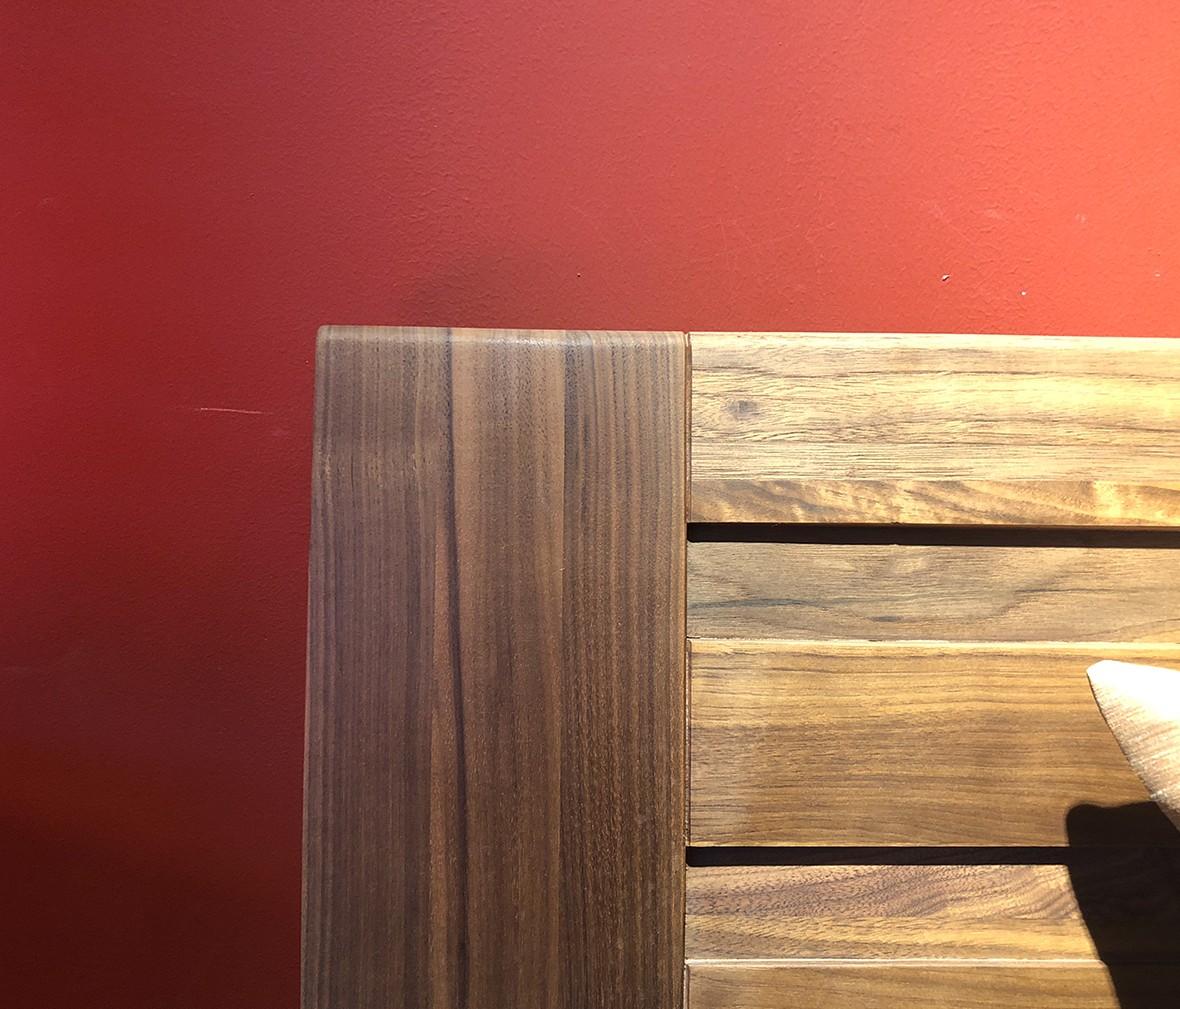 百强 新德堡系列 Z126a型号双人床 黑胡桃材质现代简约卧室家具,图片、价格、品牌、评测样样齐全!【蓝景商城正品行货,蓝景丽家大钟寺家居广场提货,北京地区配送,领券更优惠,线上线下同品同价,立即购买享受更多优惠哦!】